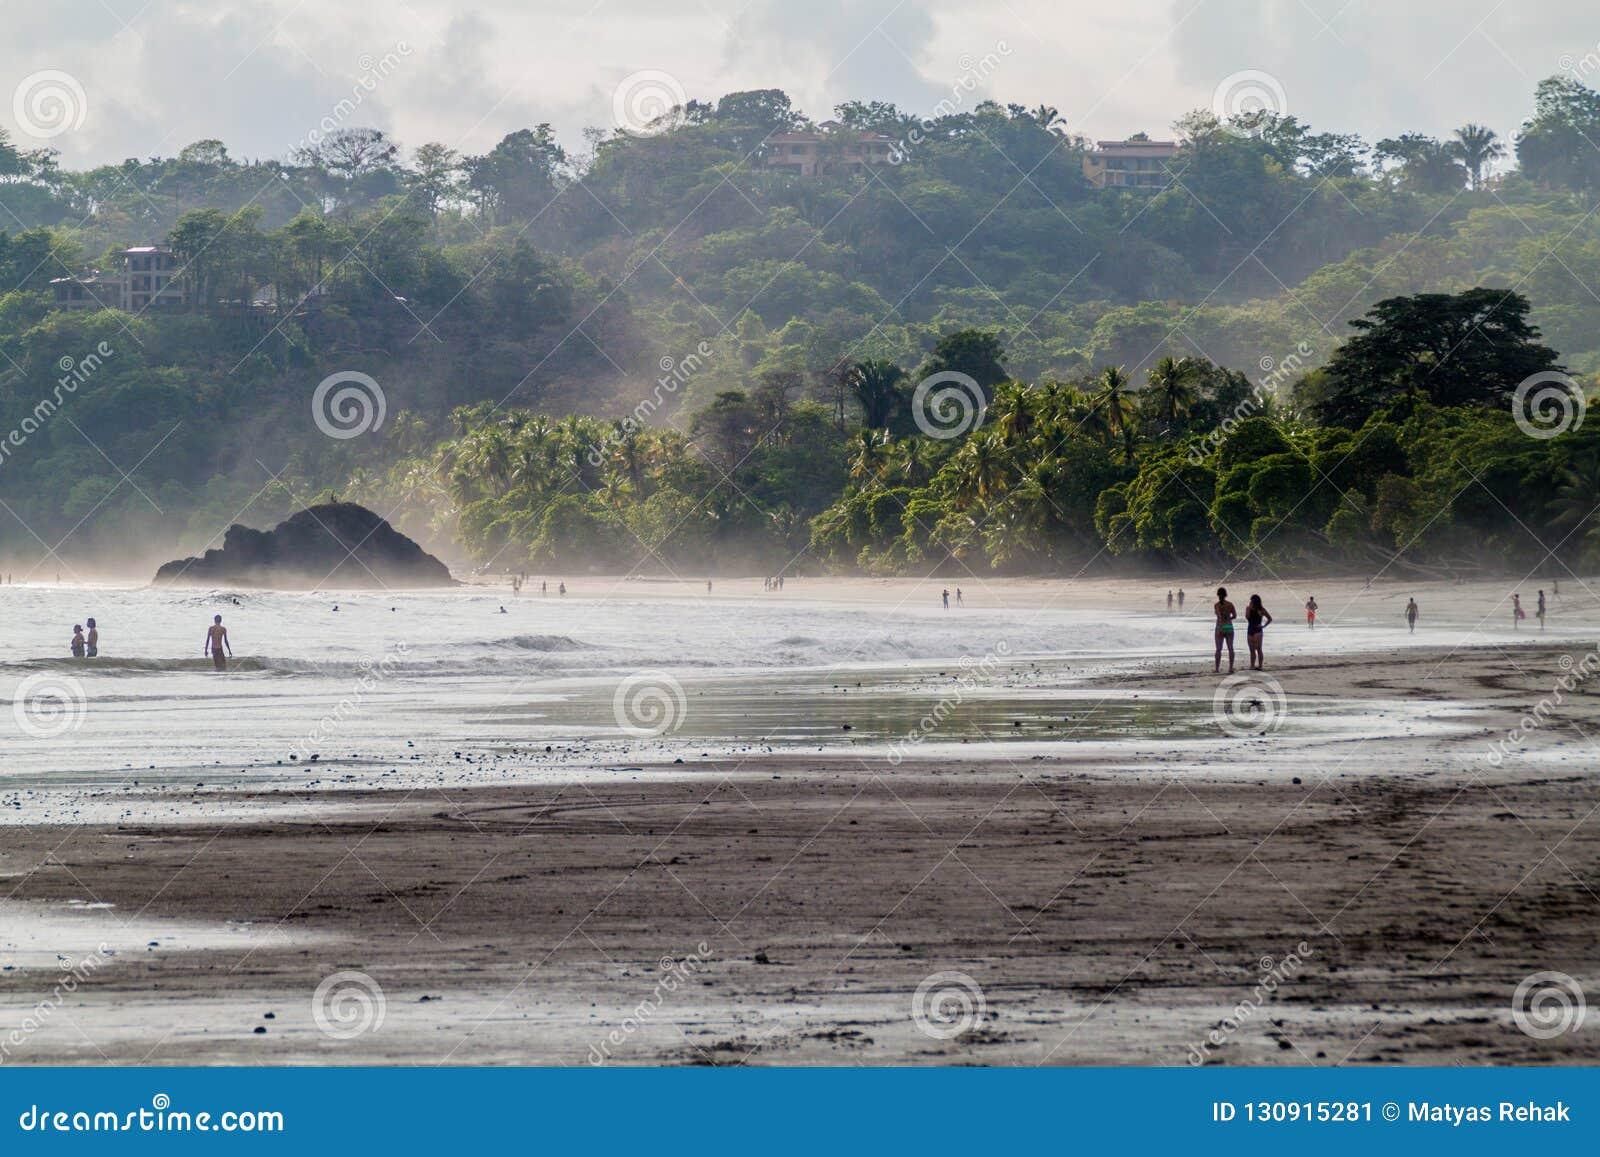 MANUEL ANTONIO, COSTA RICA - MAY 13, 2016: People on a beach in Manuel Antonio village, Costa Ri